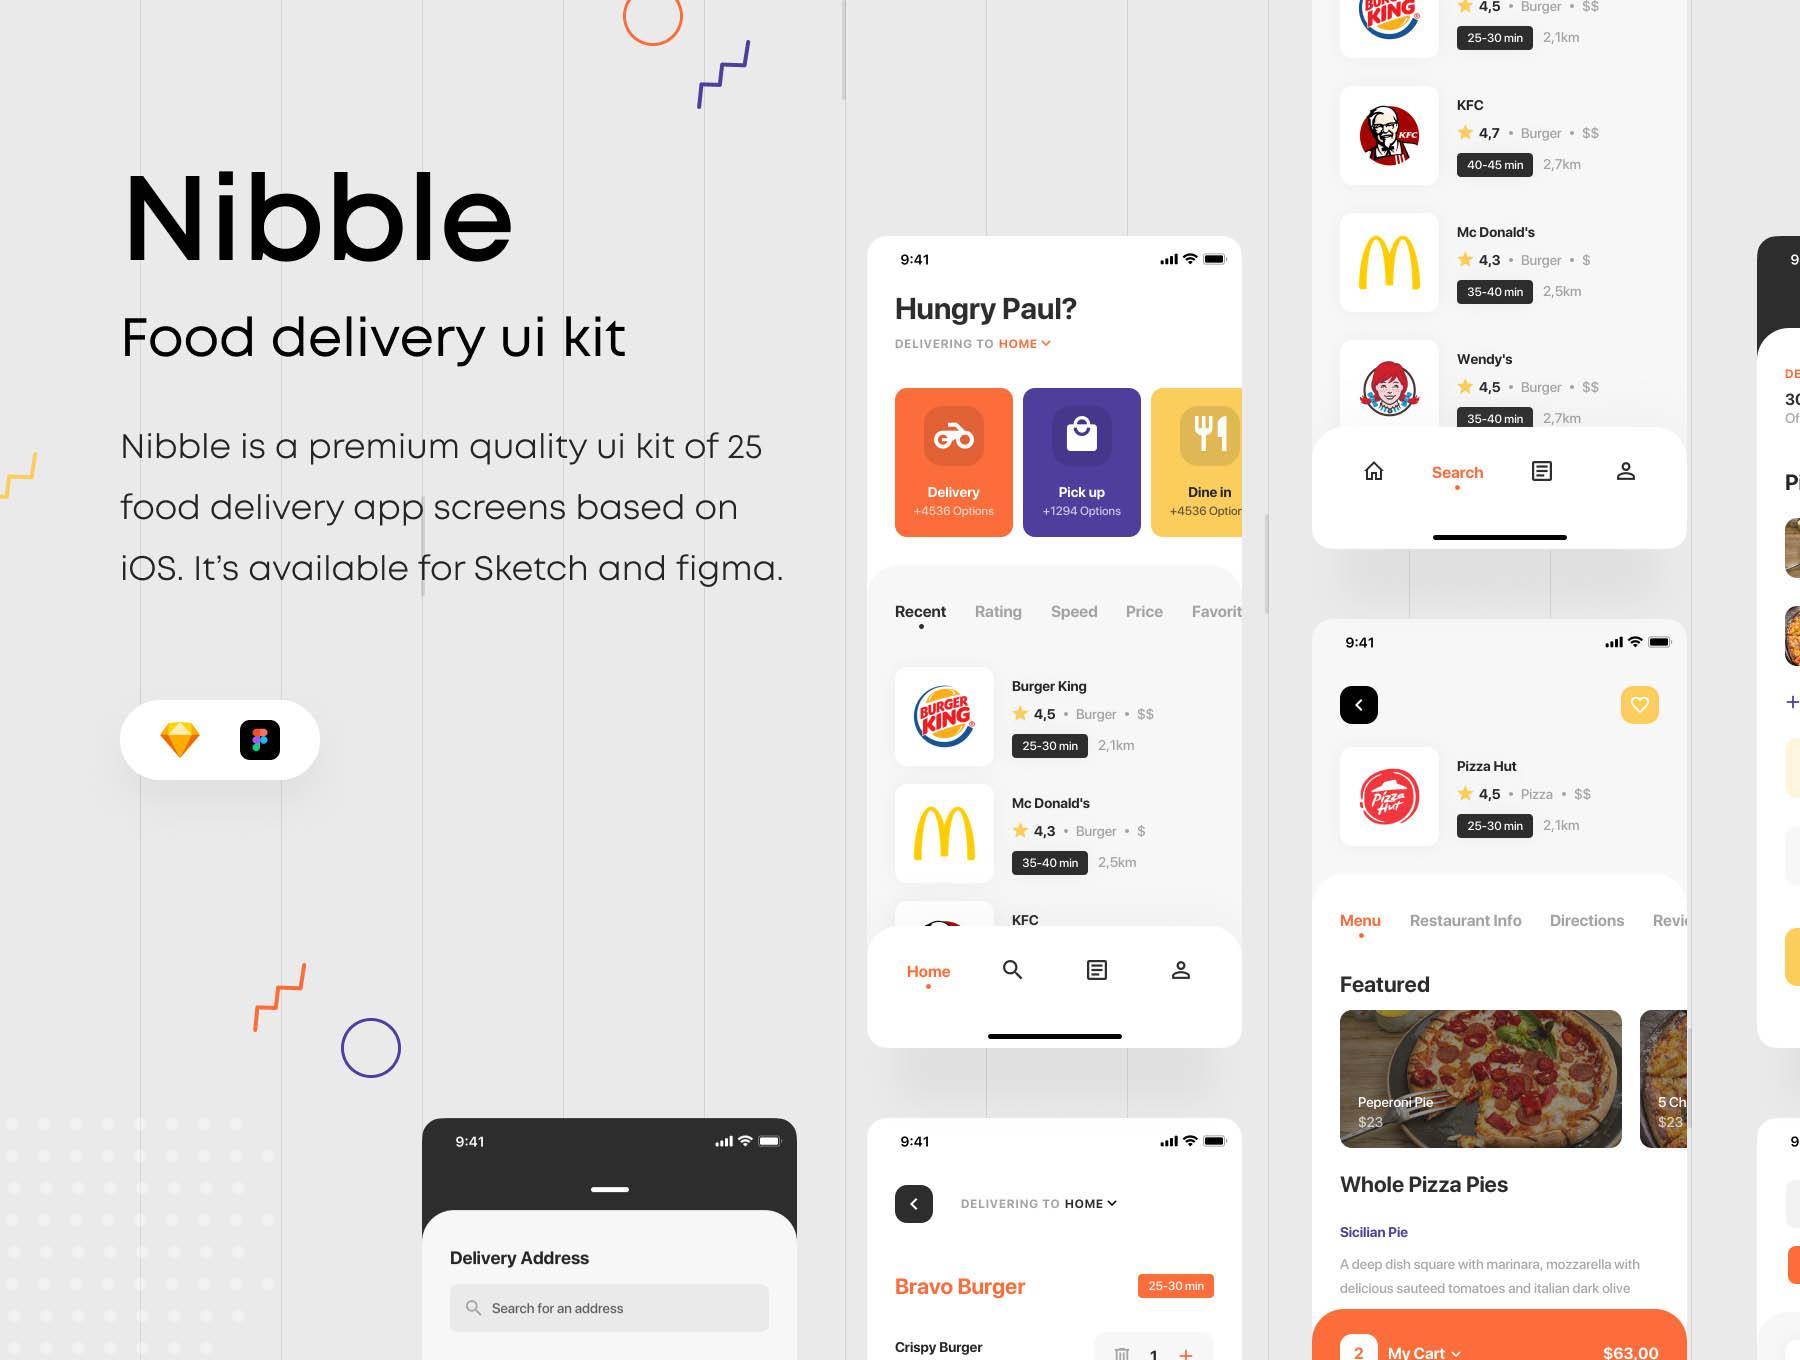 餐饮送餐服务类iOS APP UI KIT 界面设计模板下载[Sketch,fig]